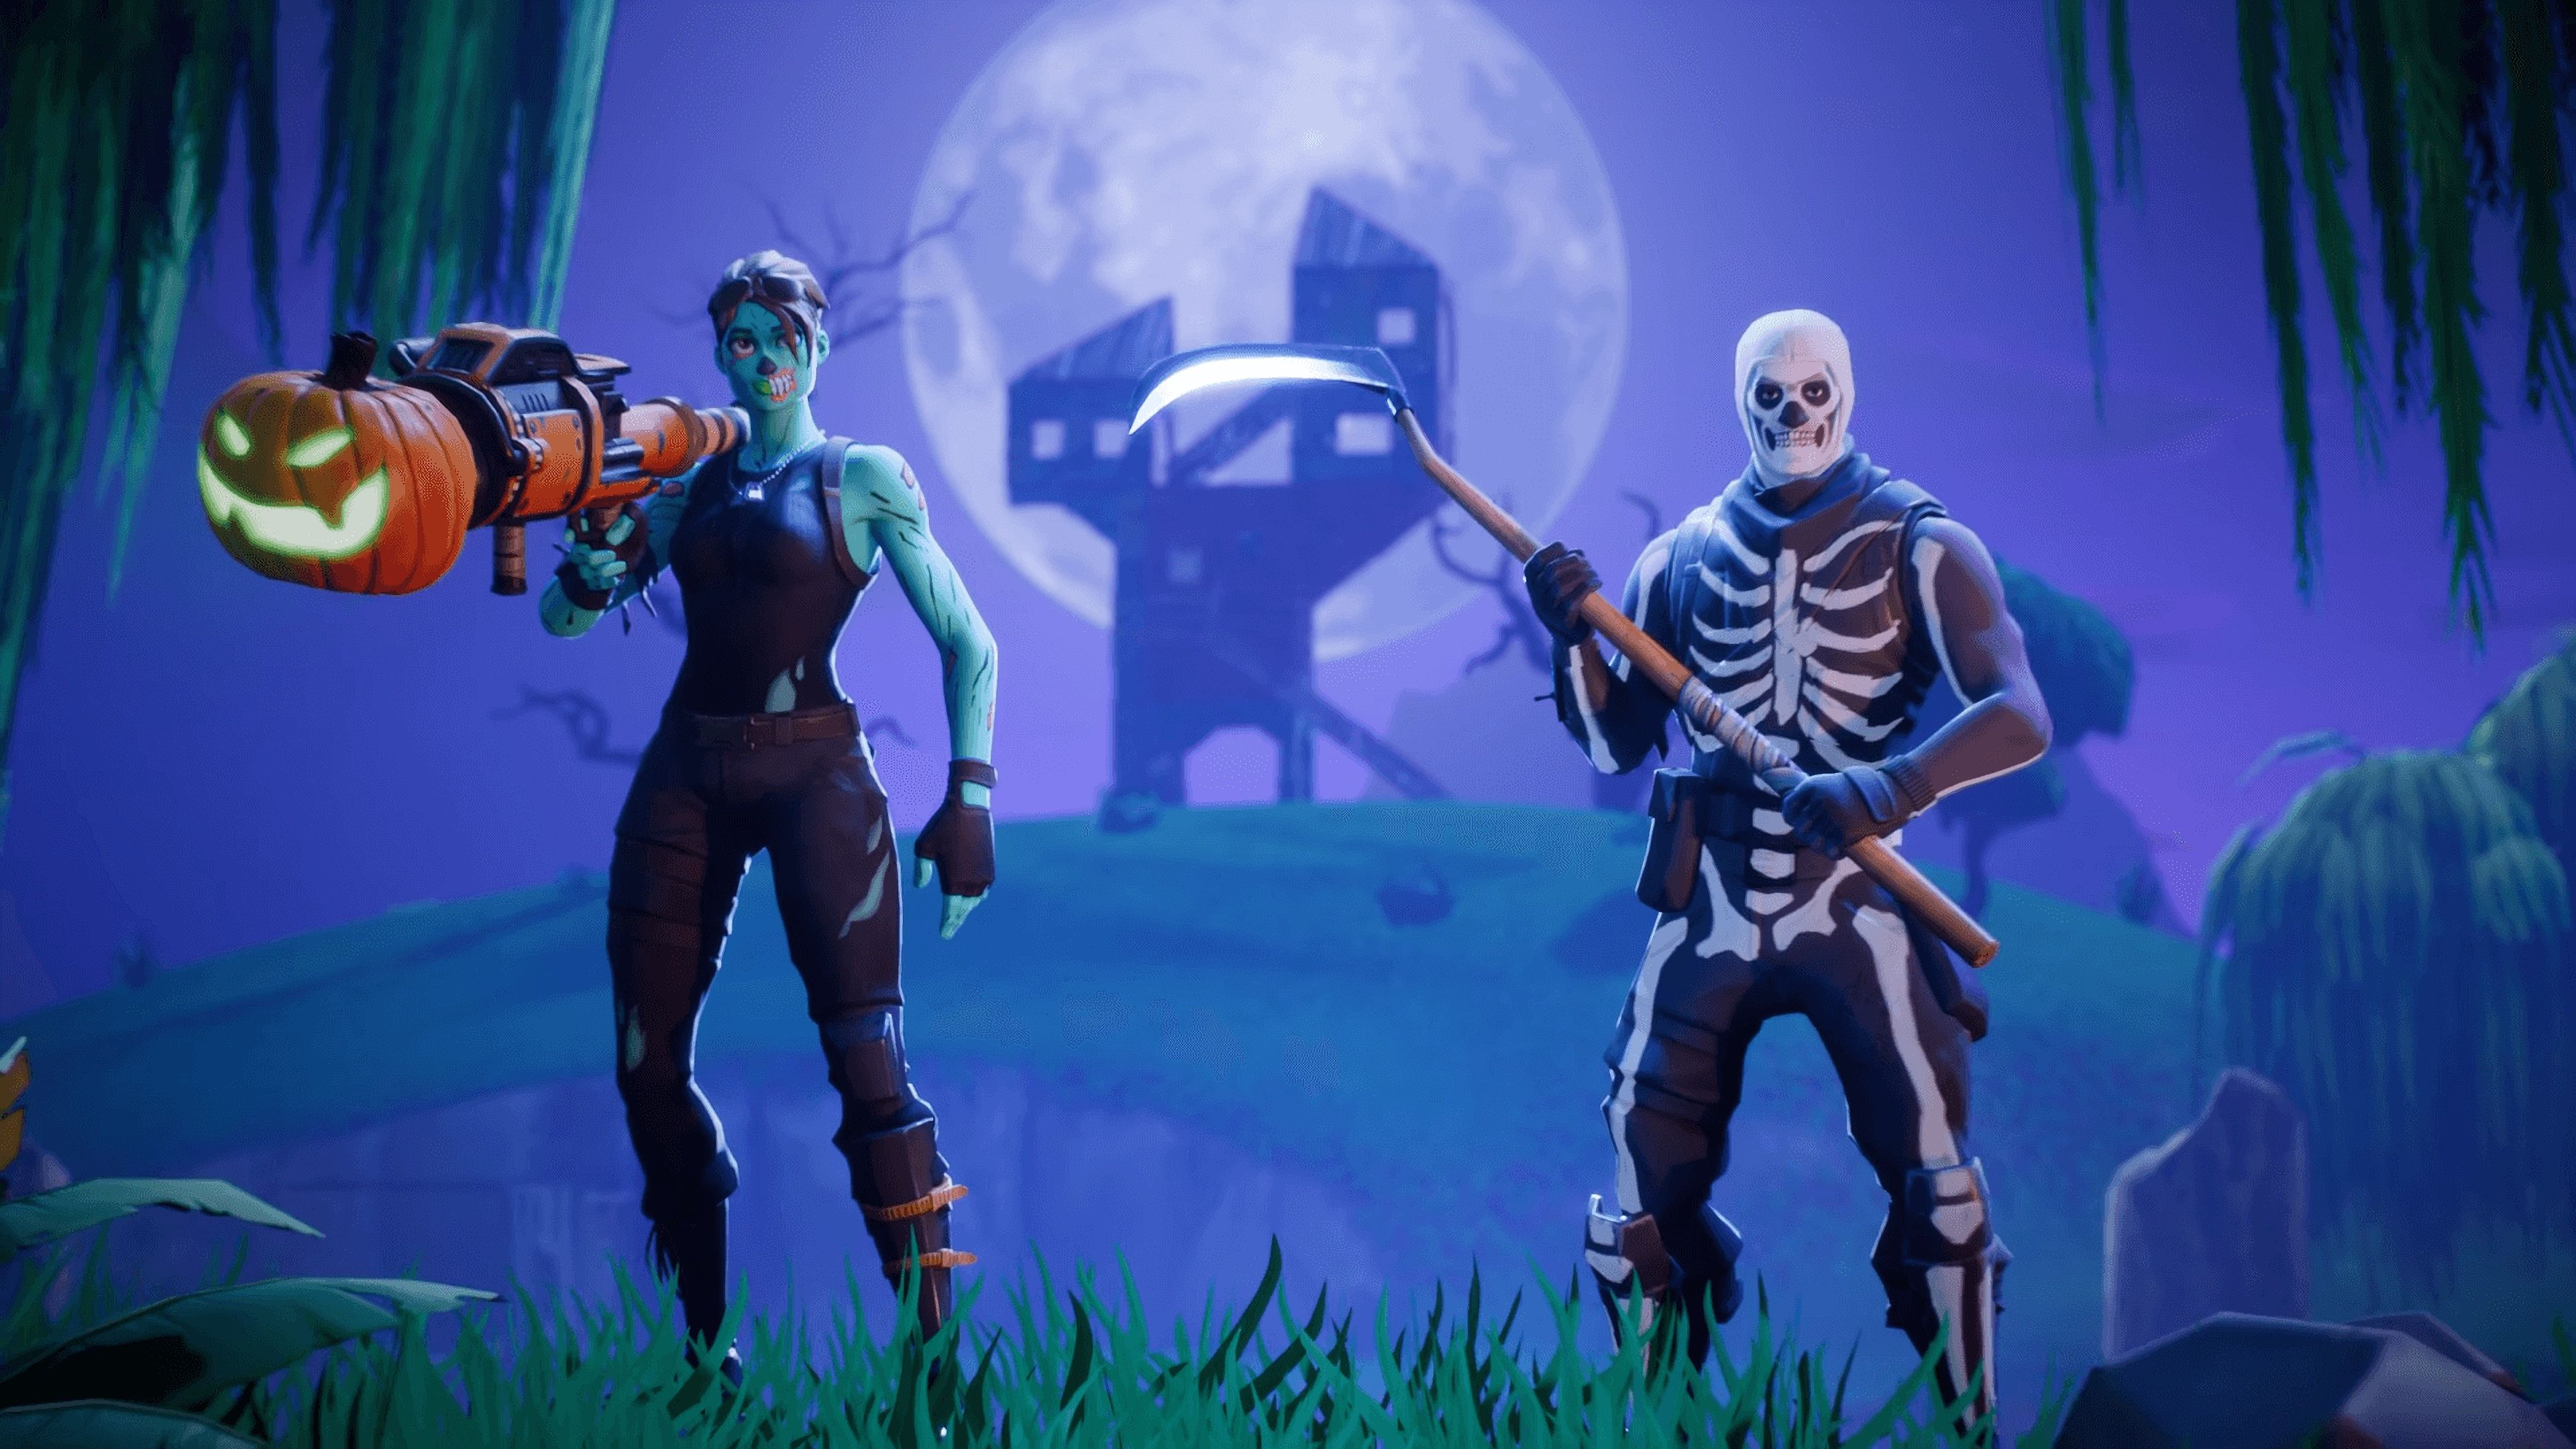 Fortnite Battle Royale Ghoul Trooper And Skull Trooper 4k 10359